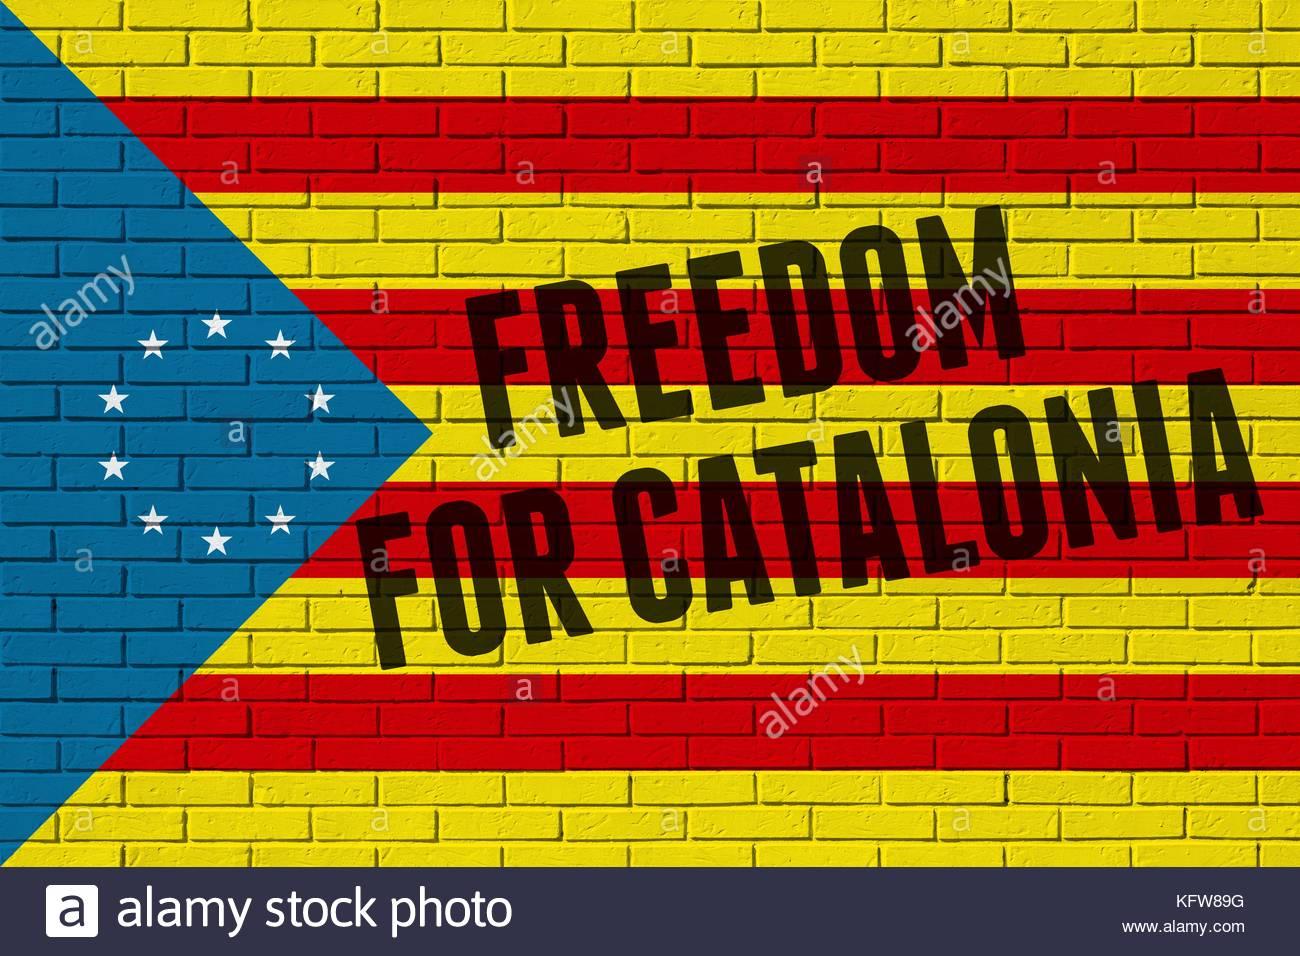 Catalan Flag Wallpaper Stock Photos Catalan Flag Wallpaper Stock 1300x956